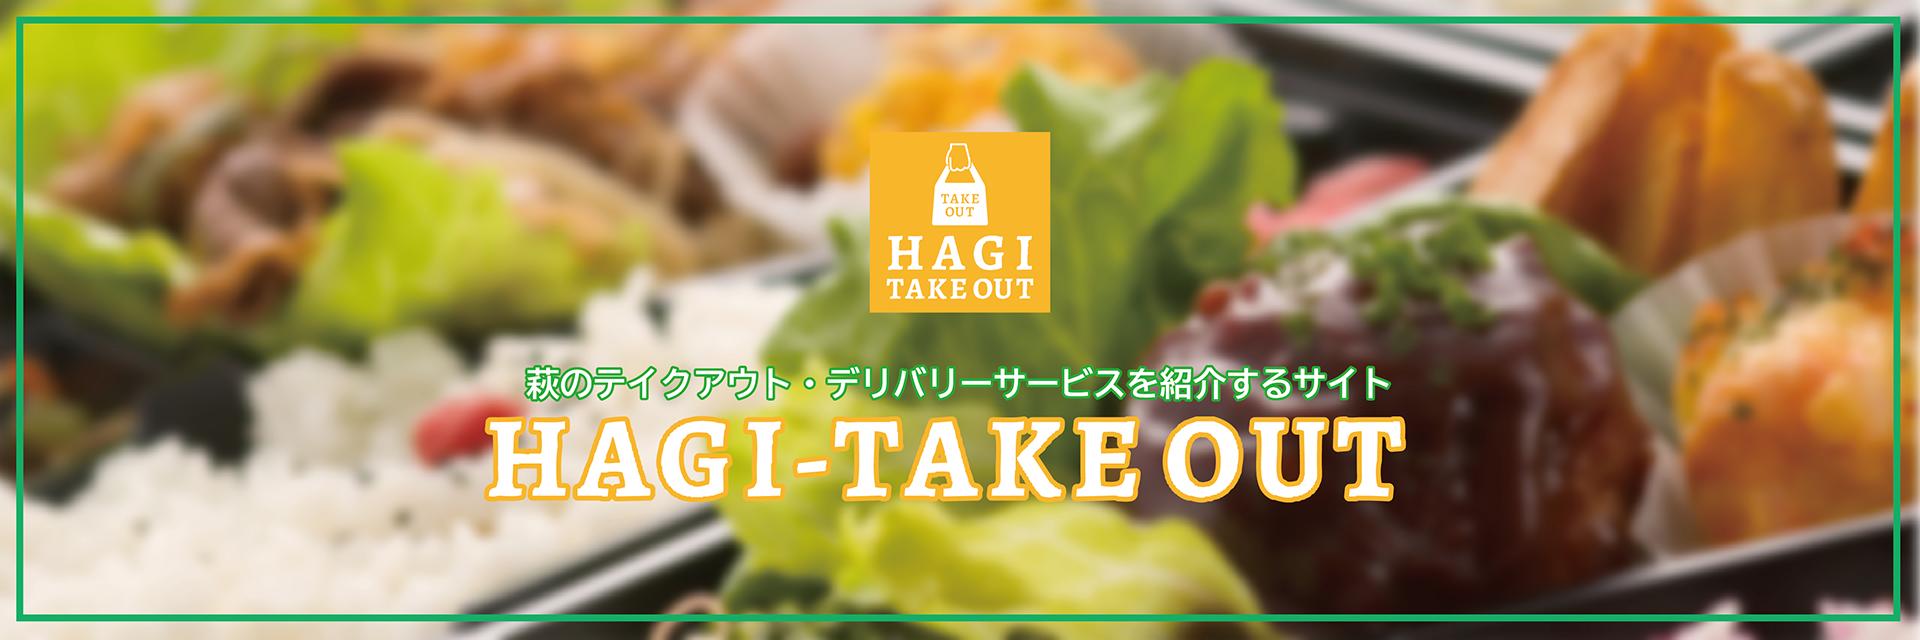 画像:萩のテイクアウト・デリバリーサービスを紹介するサイト「HAGI-TAKE OUT」